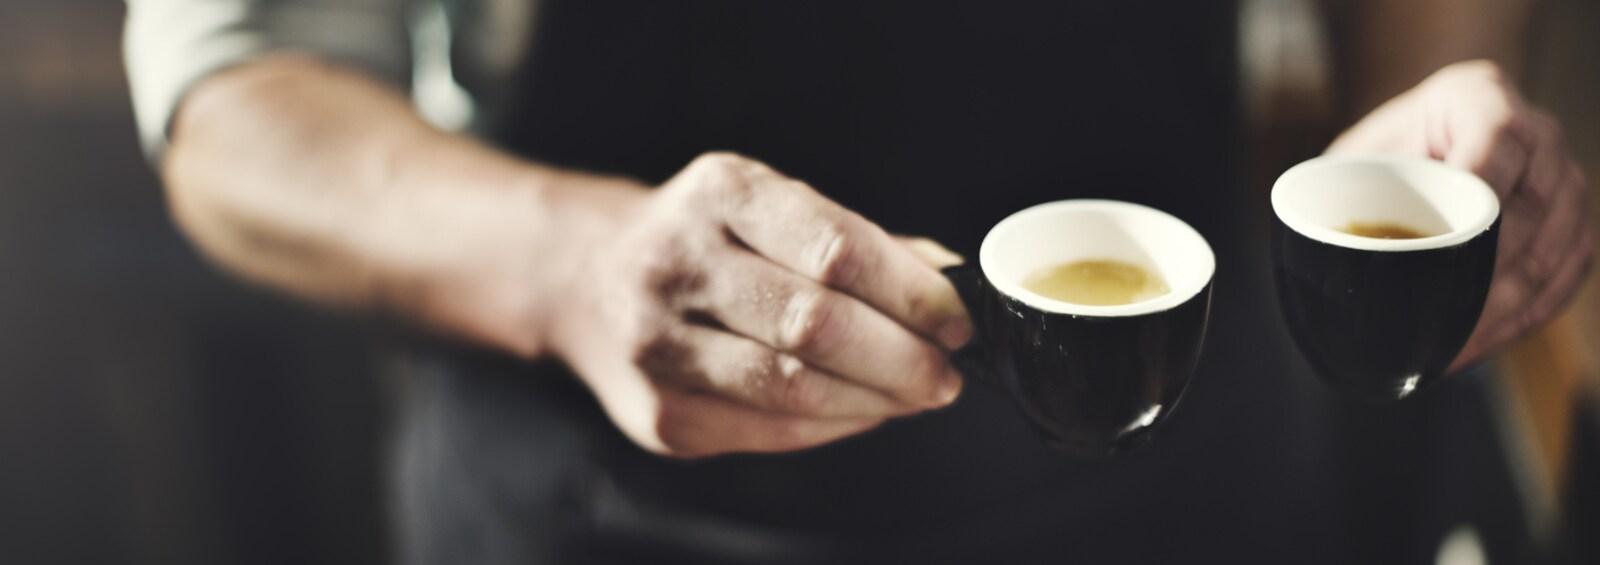 Gros plan sur les mains d'un serveur tenant deux petites tasses de café.